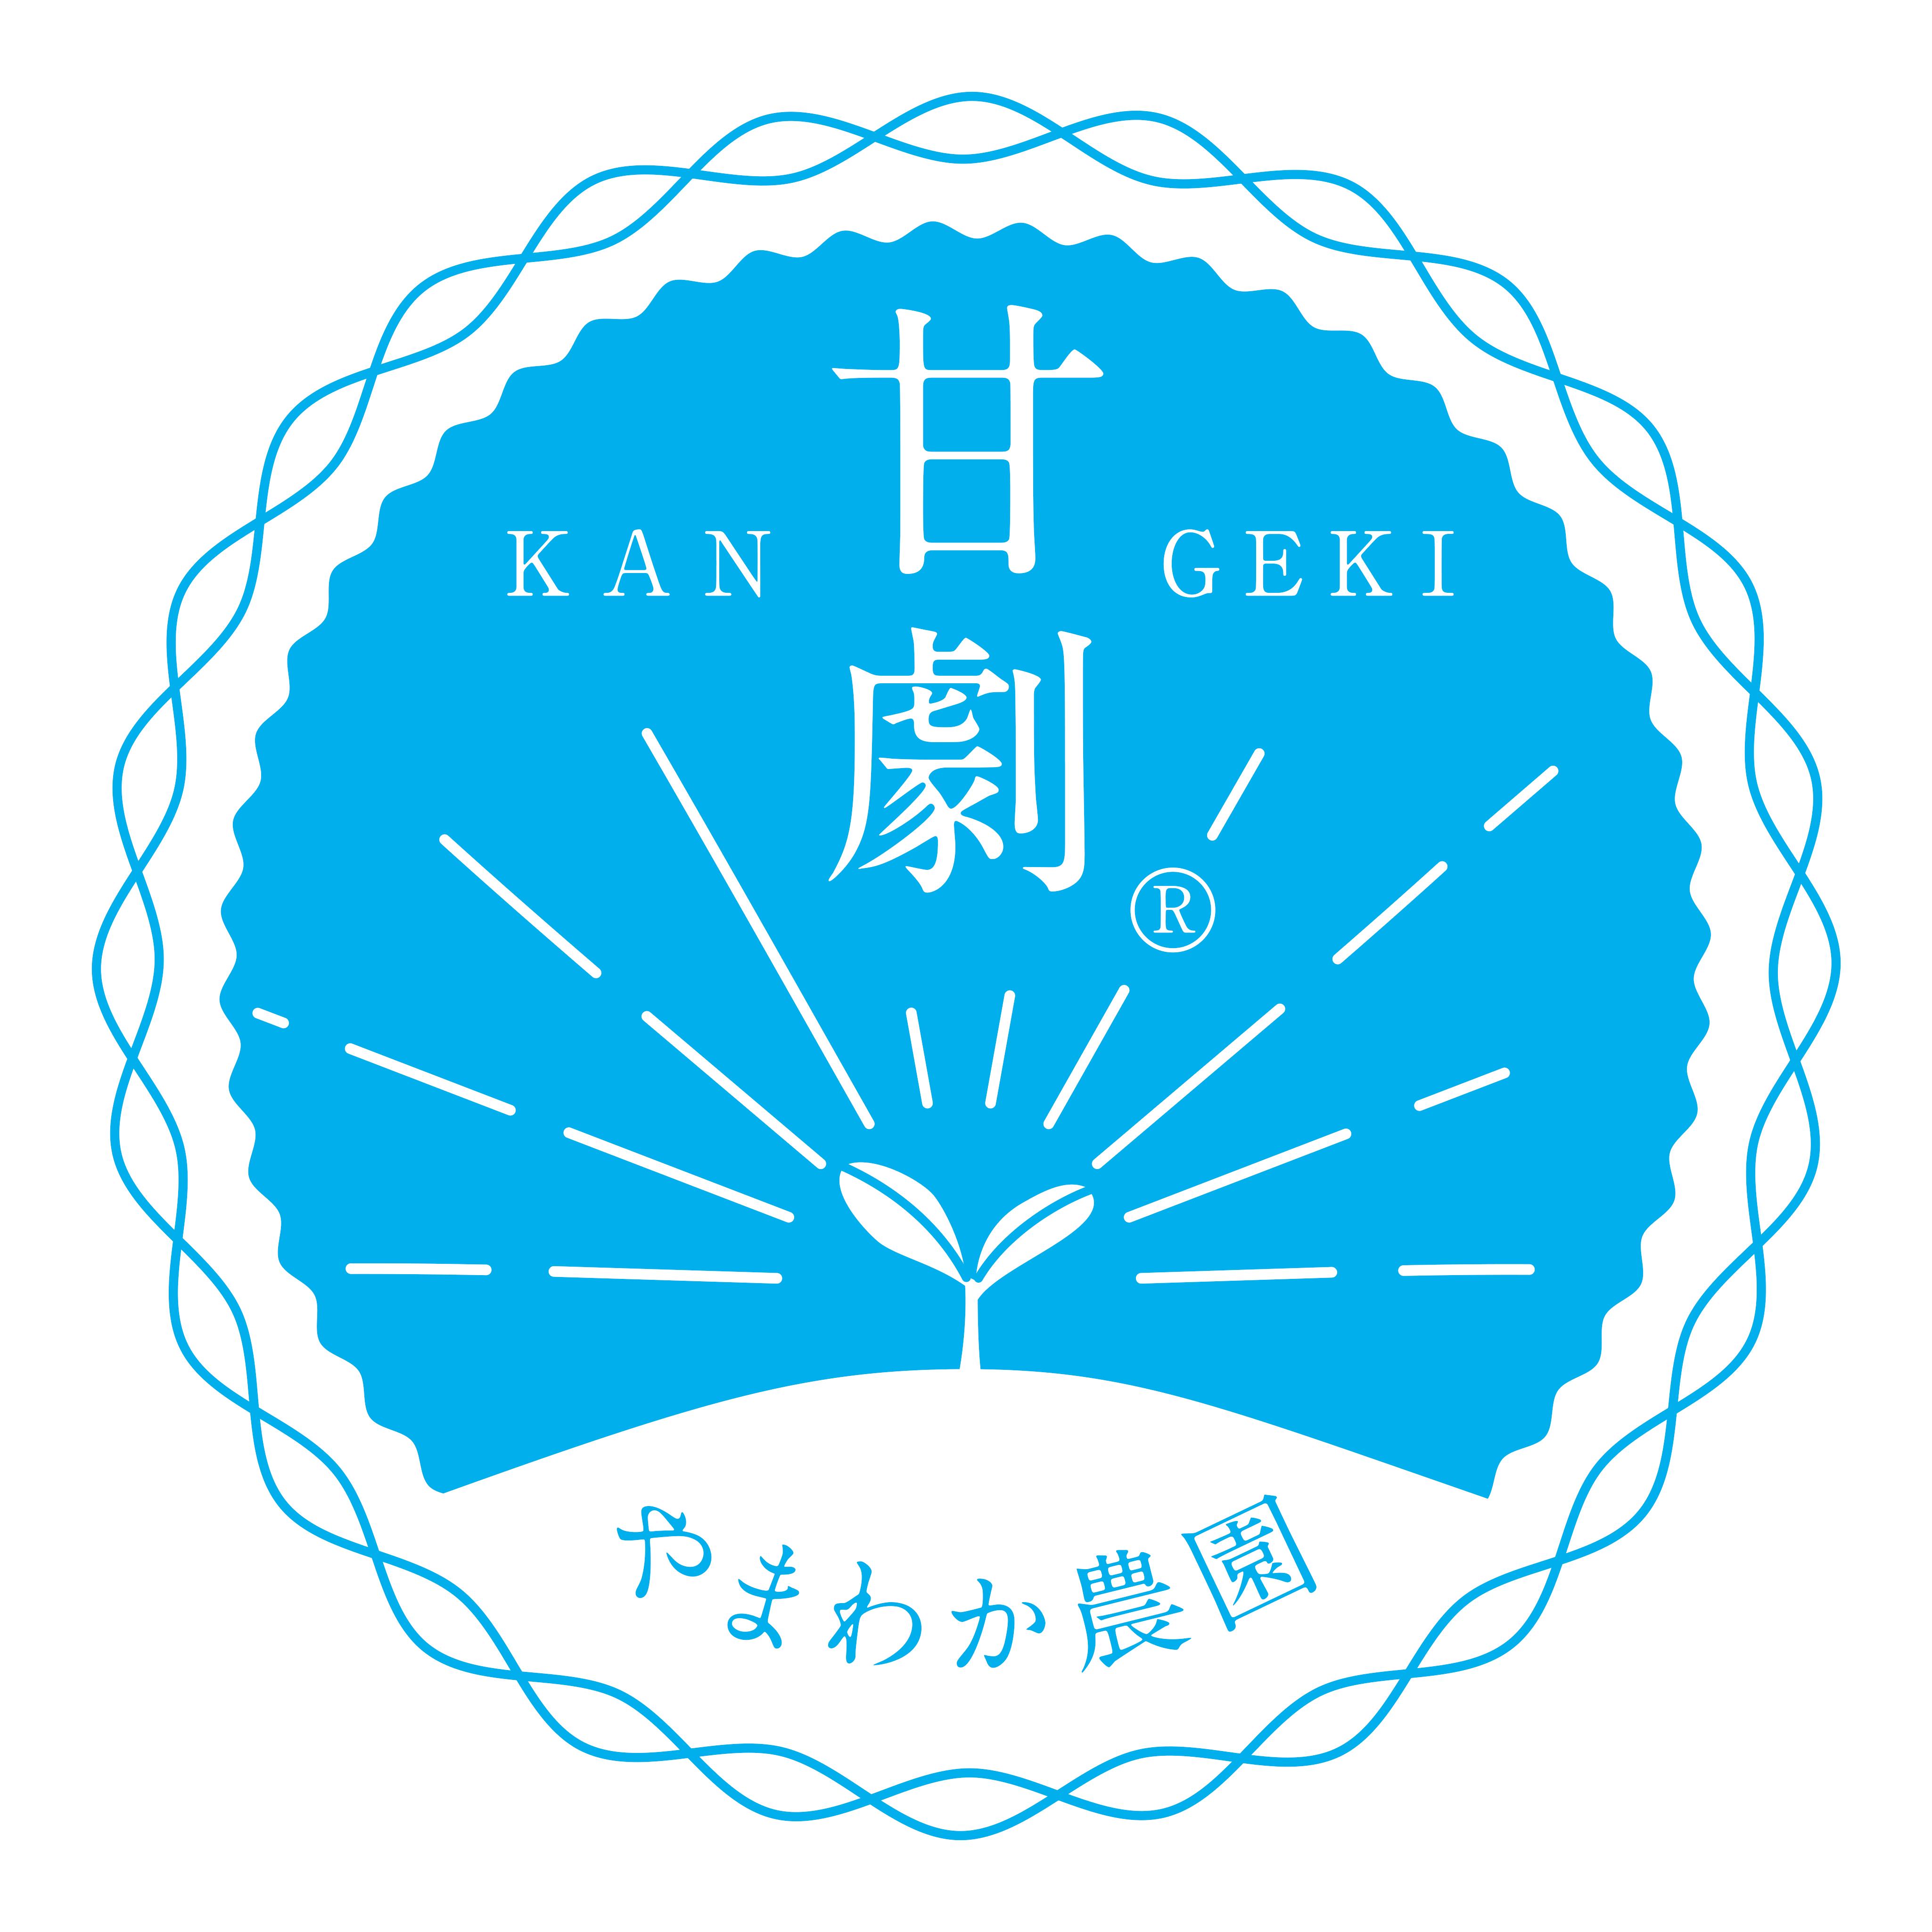 【大切なお知らせ】冬の甘劇ブランドセット商品の今後についてのご案内(2021/1/8)